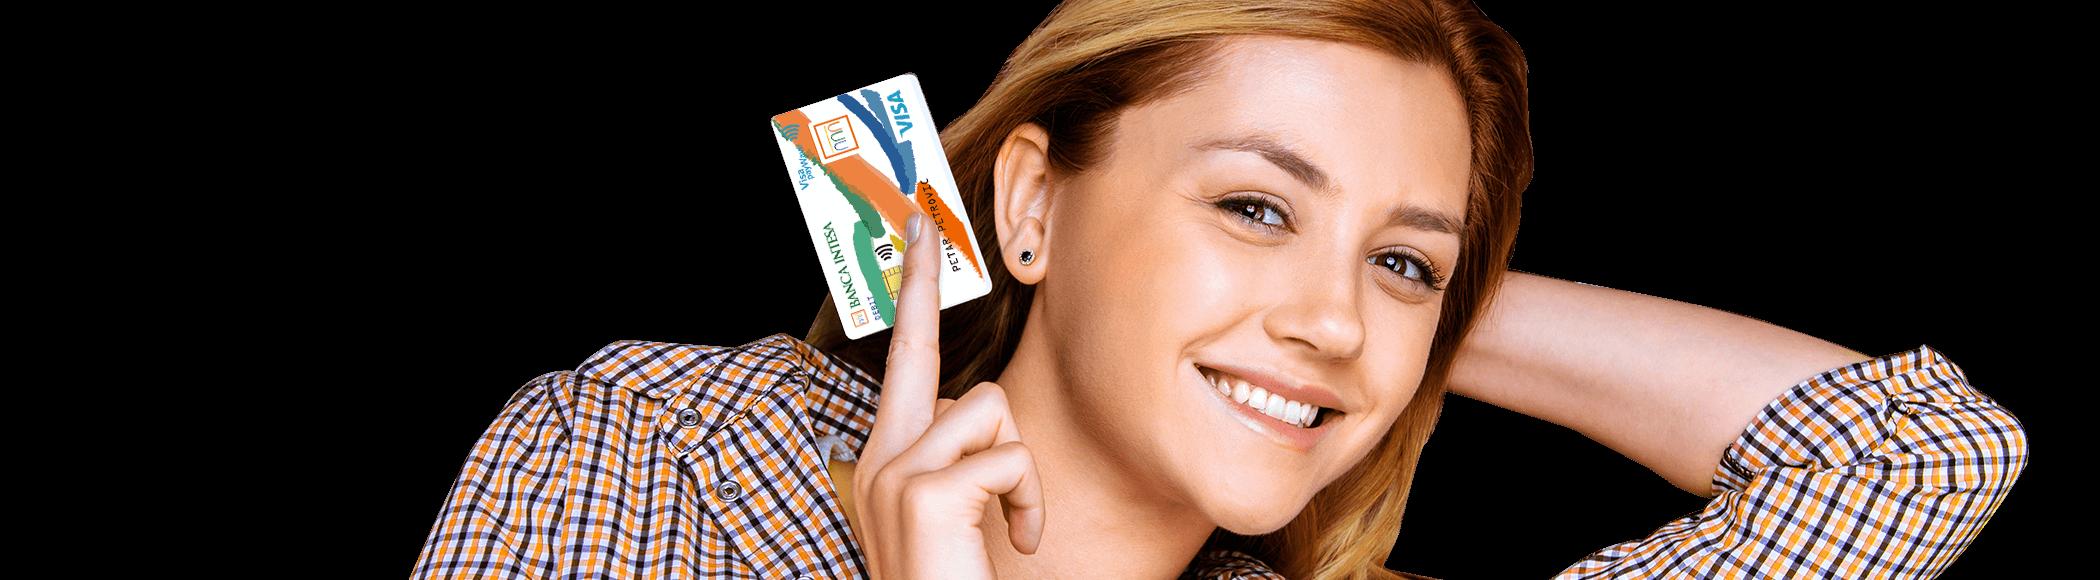 Visa Inspire debit card